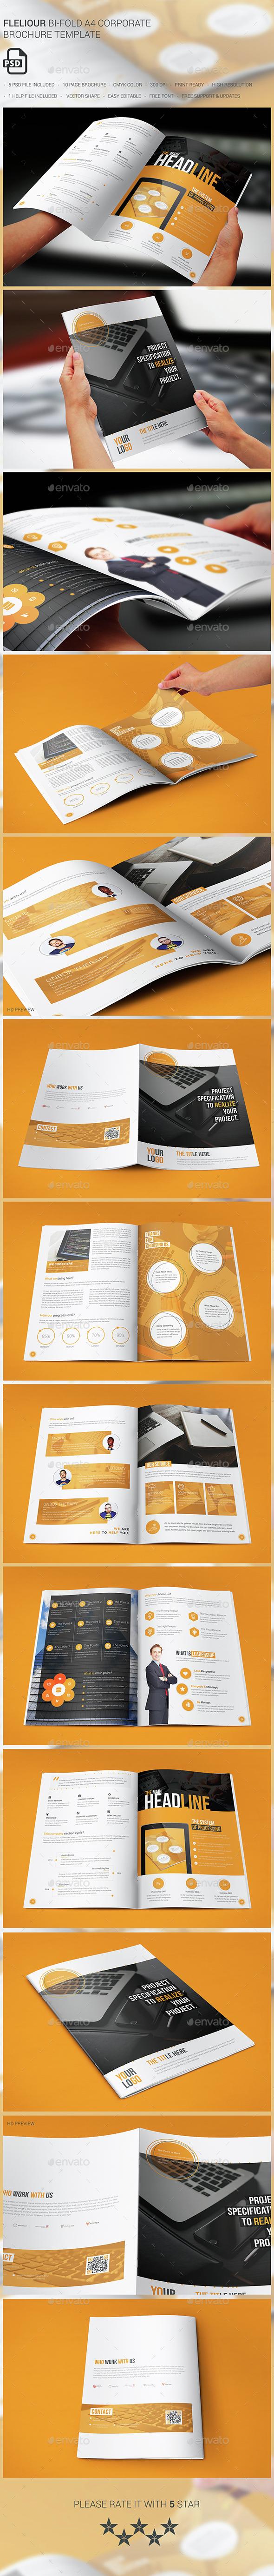 Fleliour Corporate Bi-fold Brochure - Brochures Print Templates